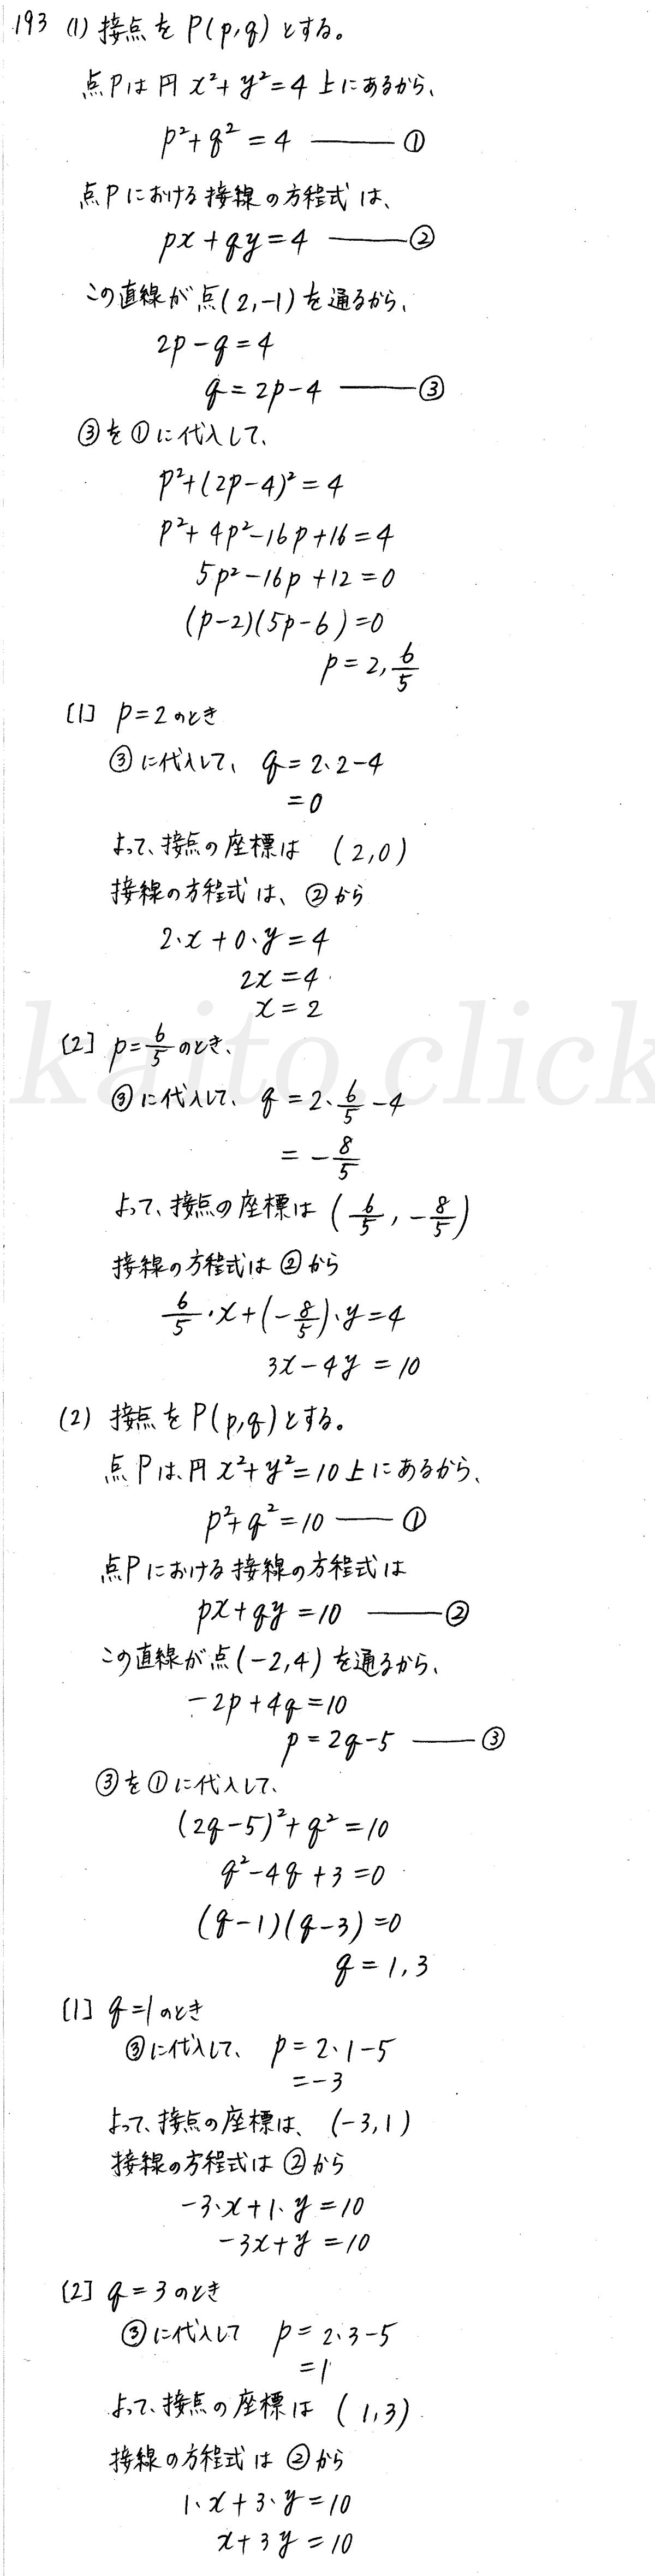 クリアー数学2-193解答